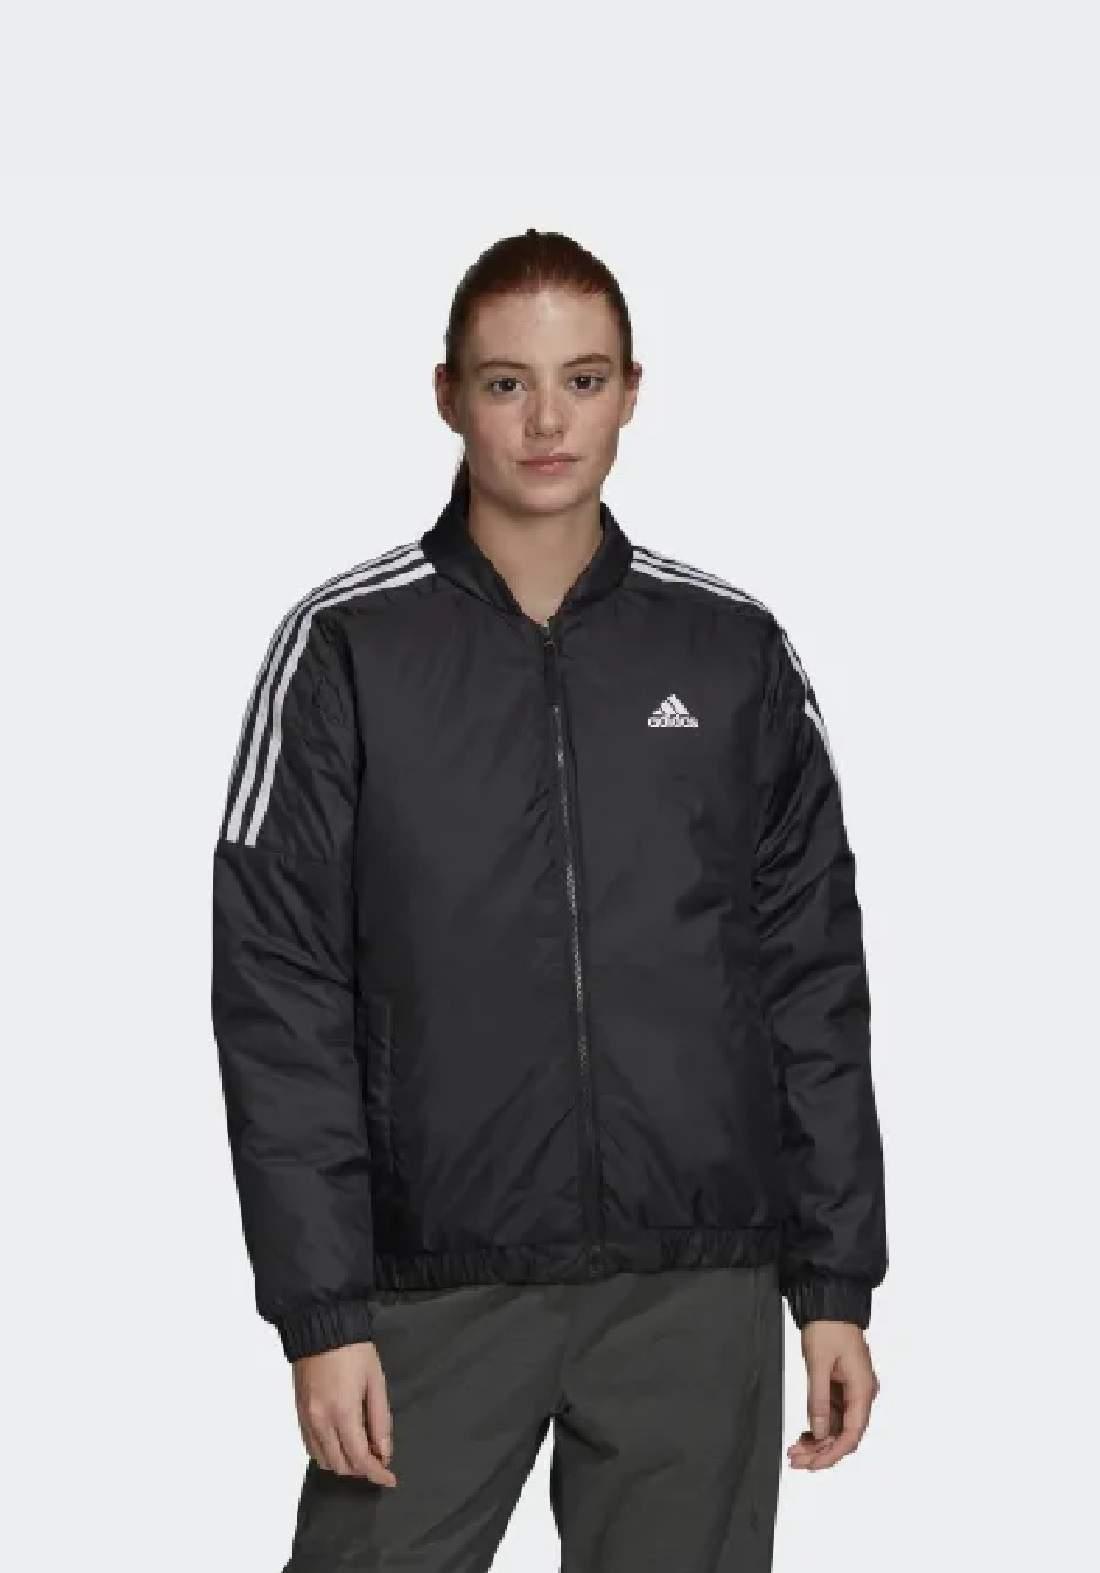 Adidas جاكيت  نسائي رياضي اسود اللون من